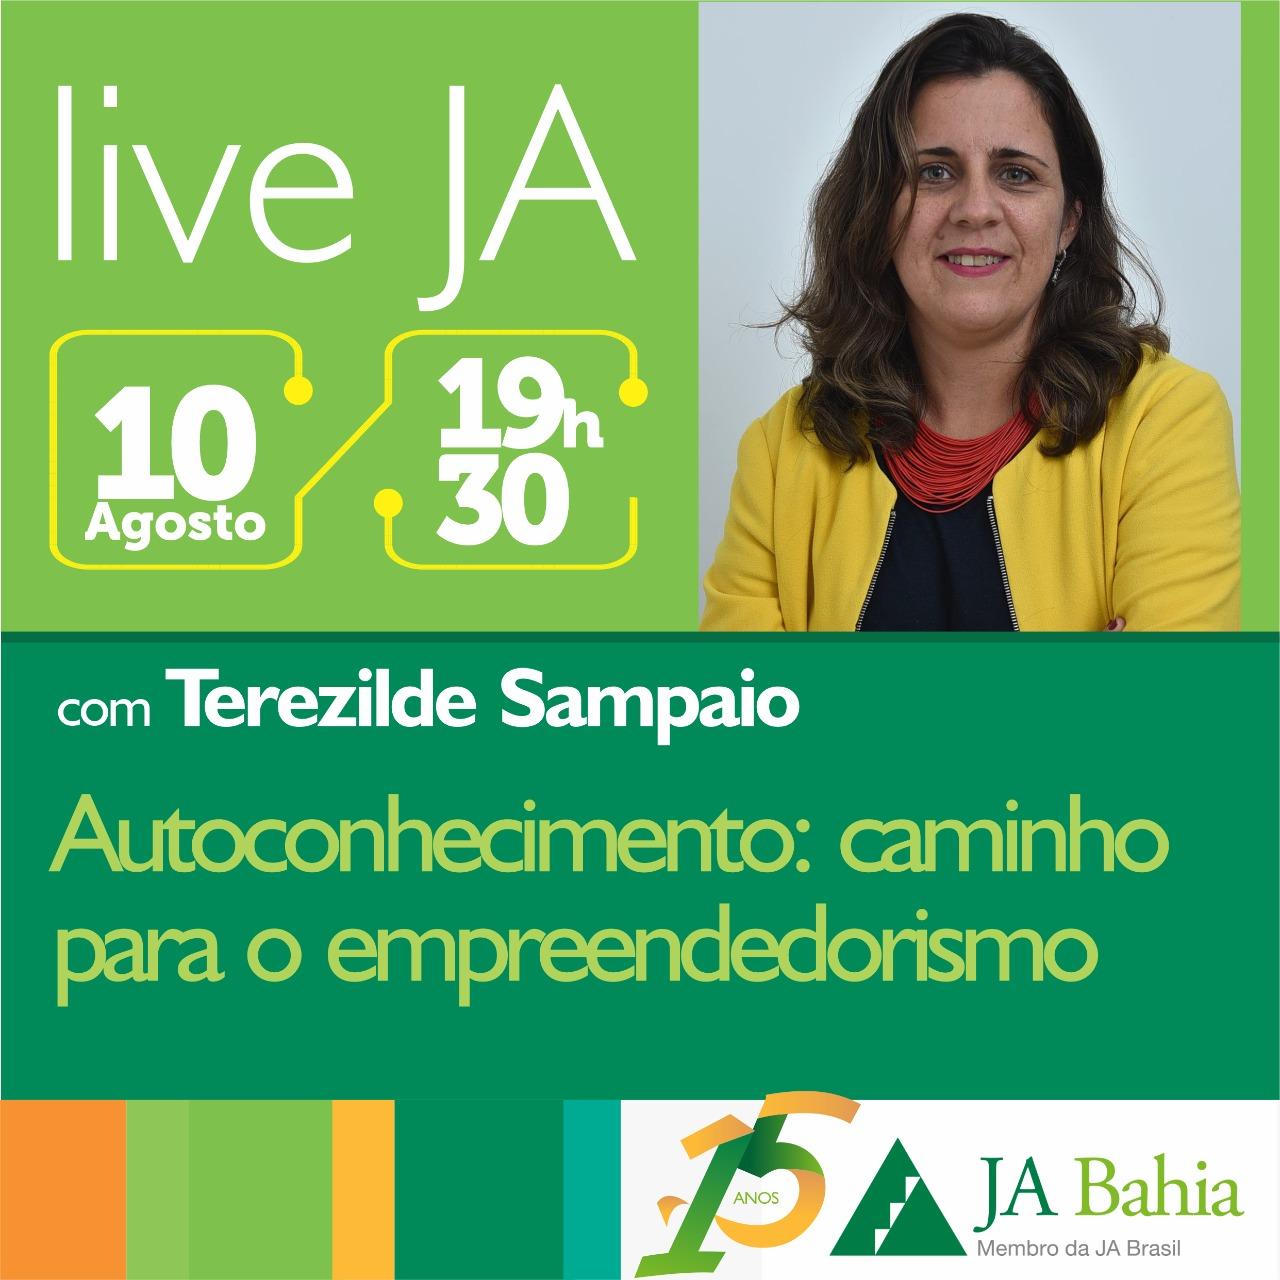 #LIVEJA com Terezilde Sampaio